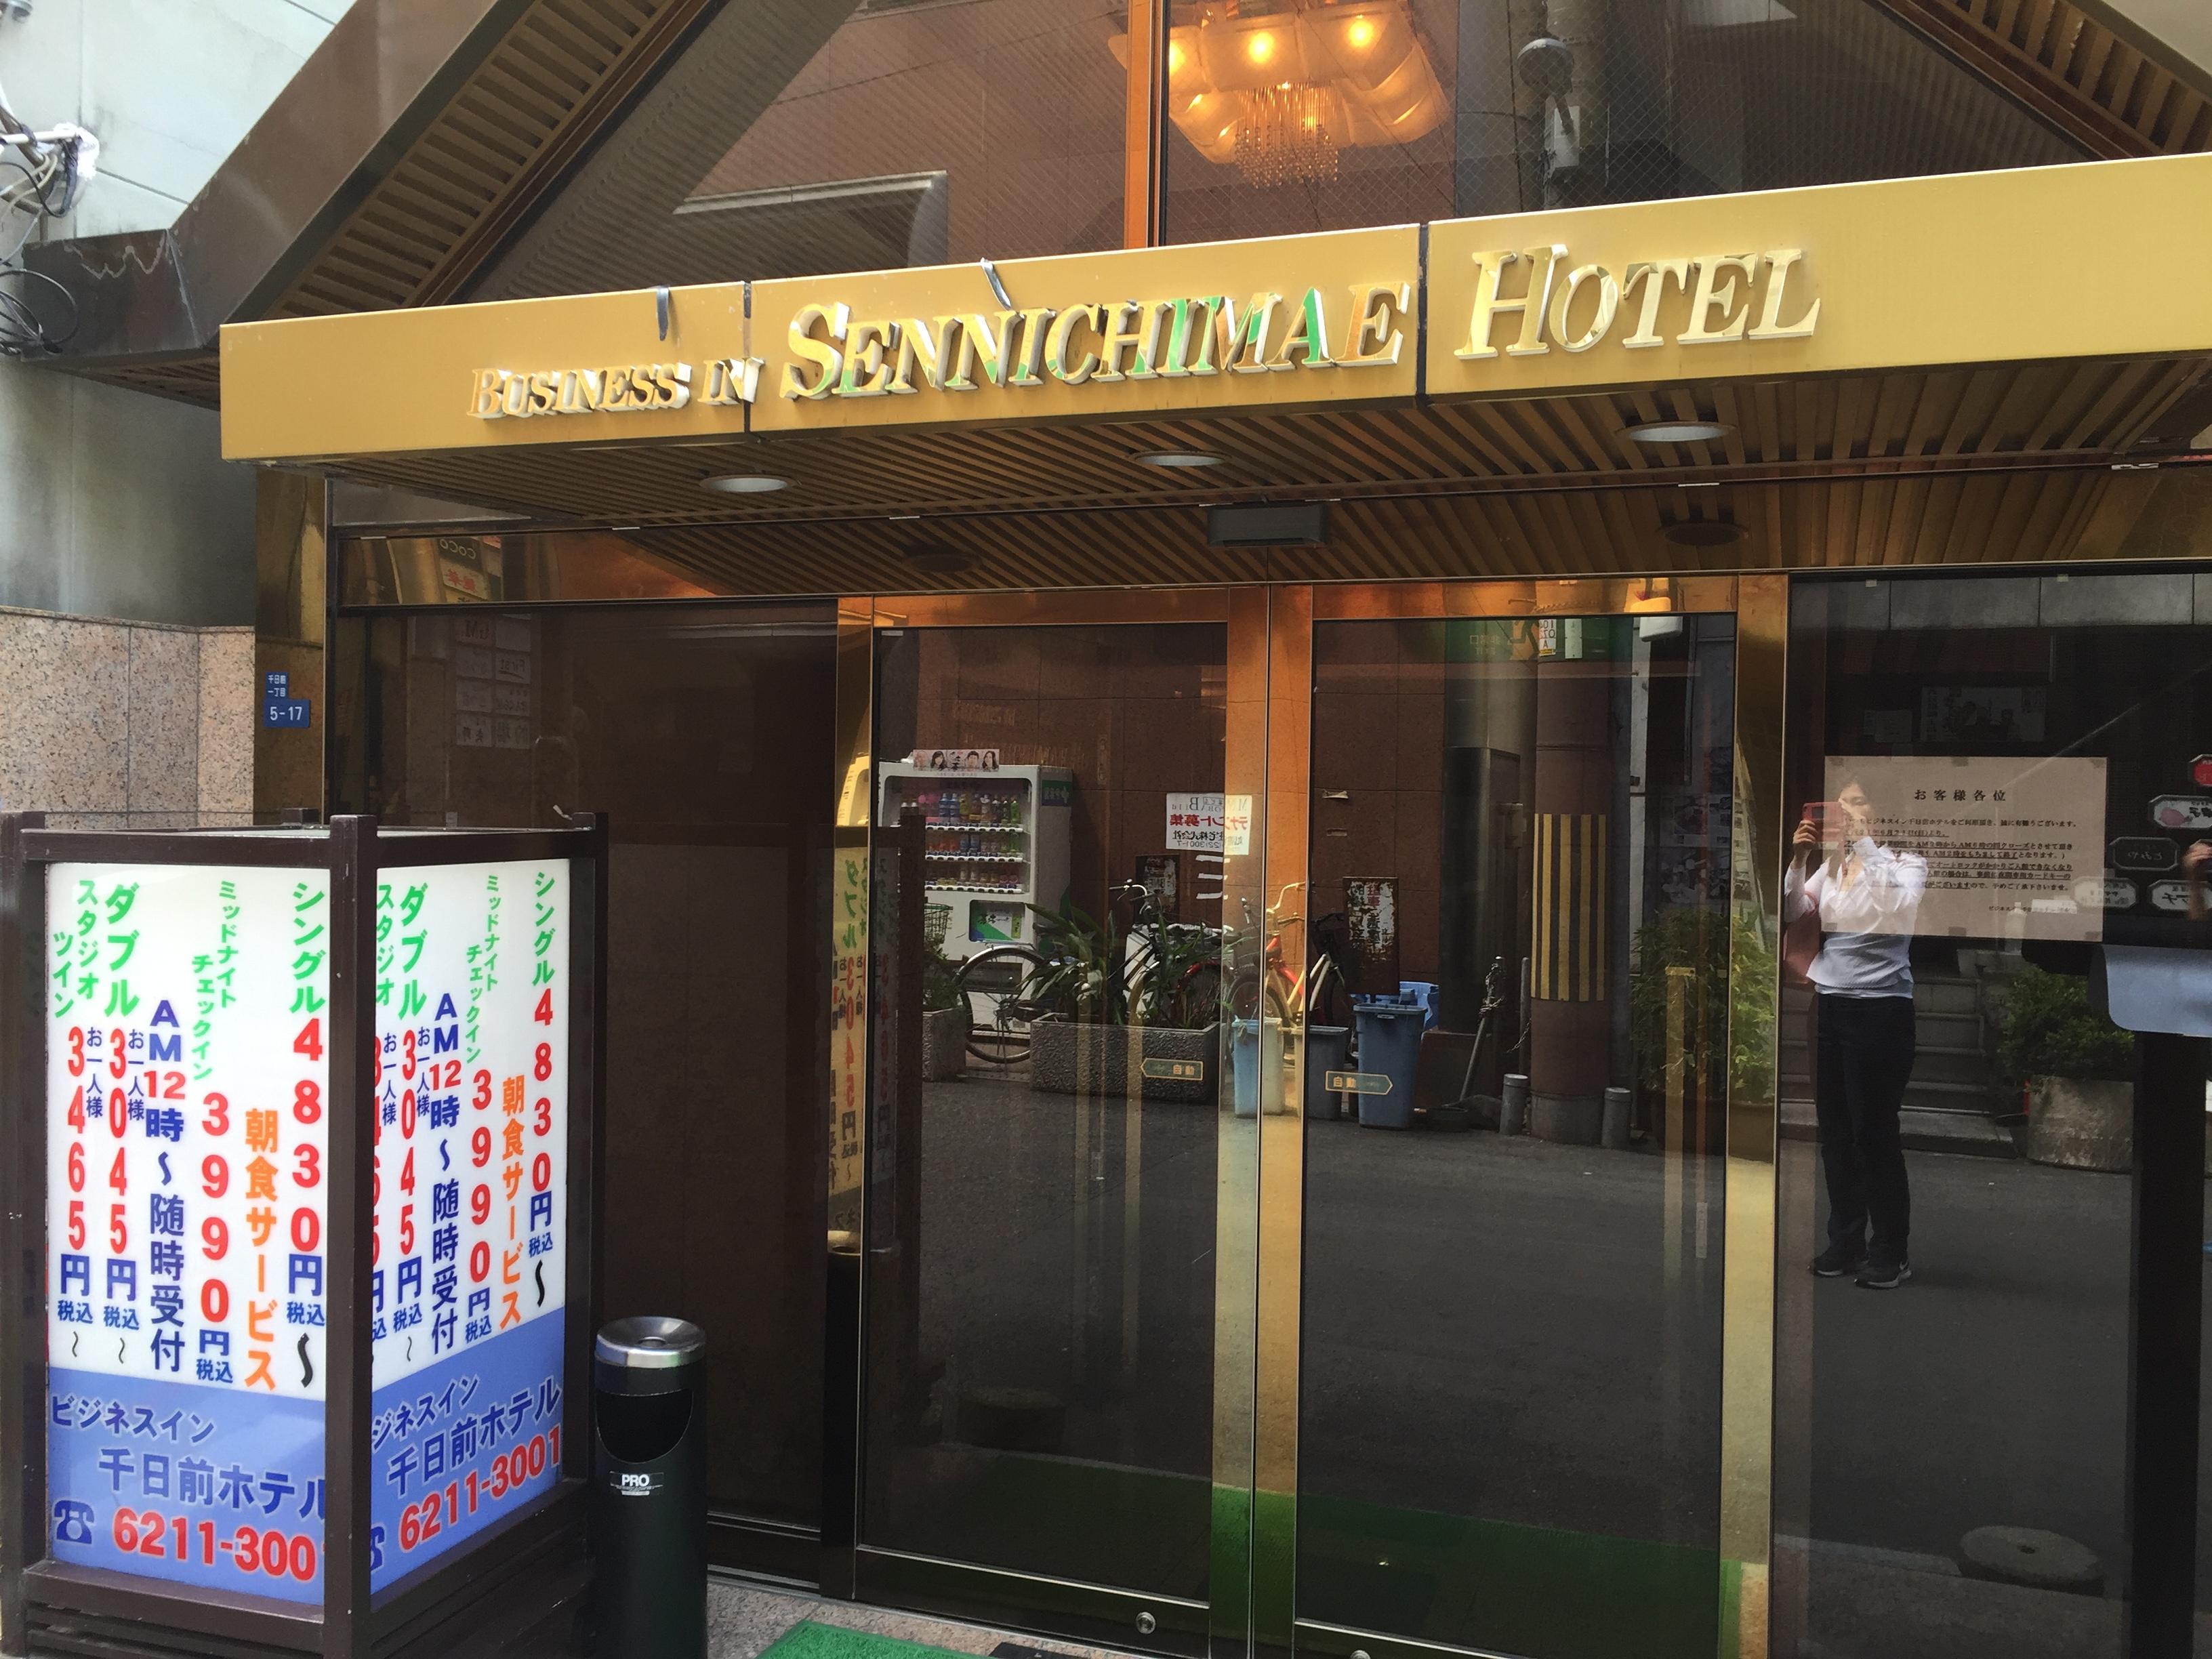 Business inn Sennichimae